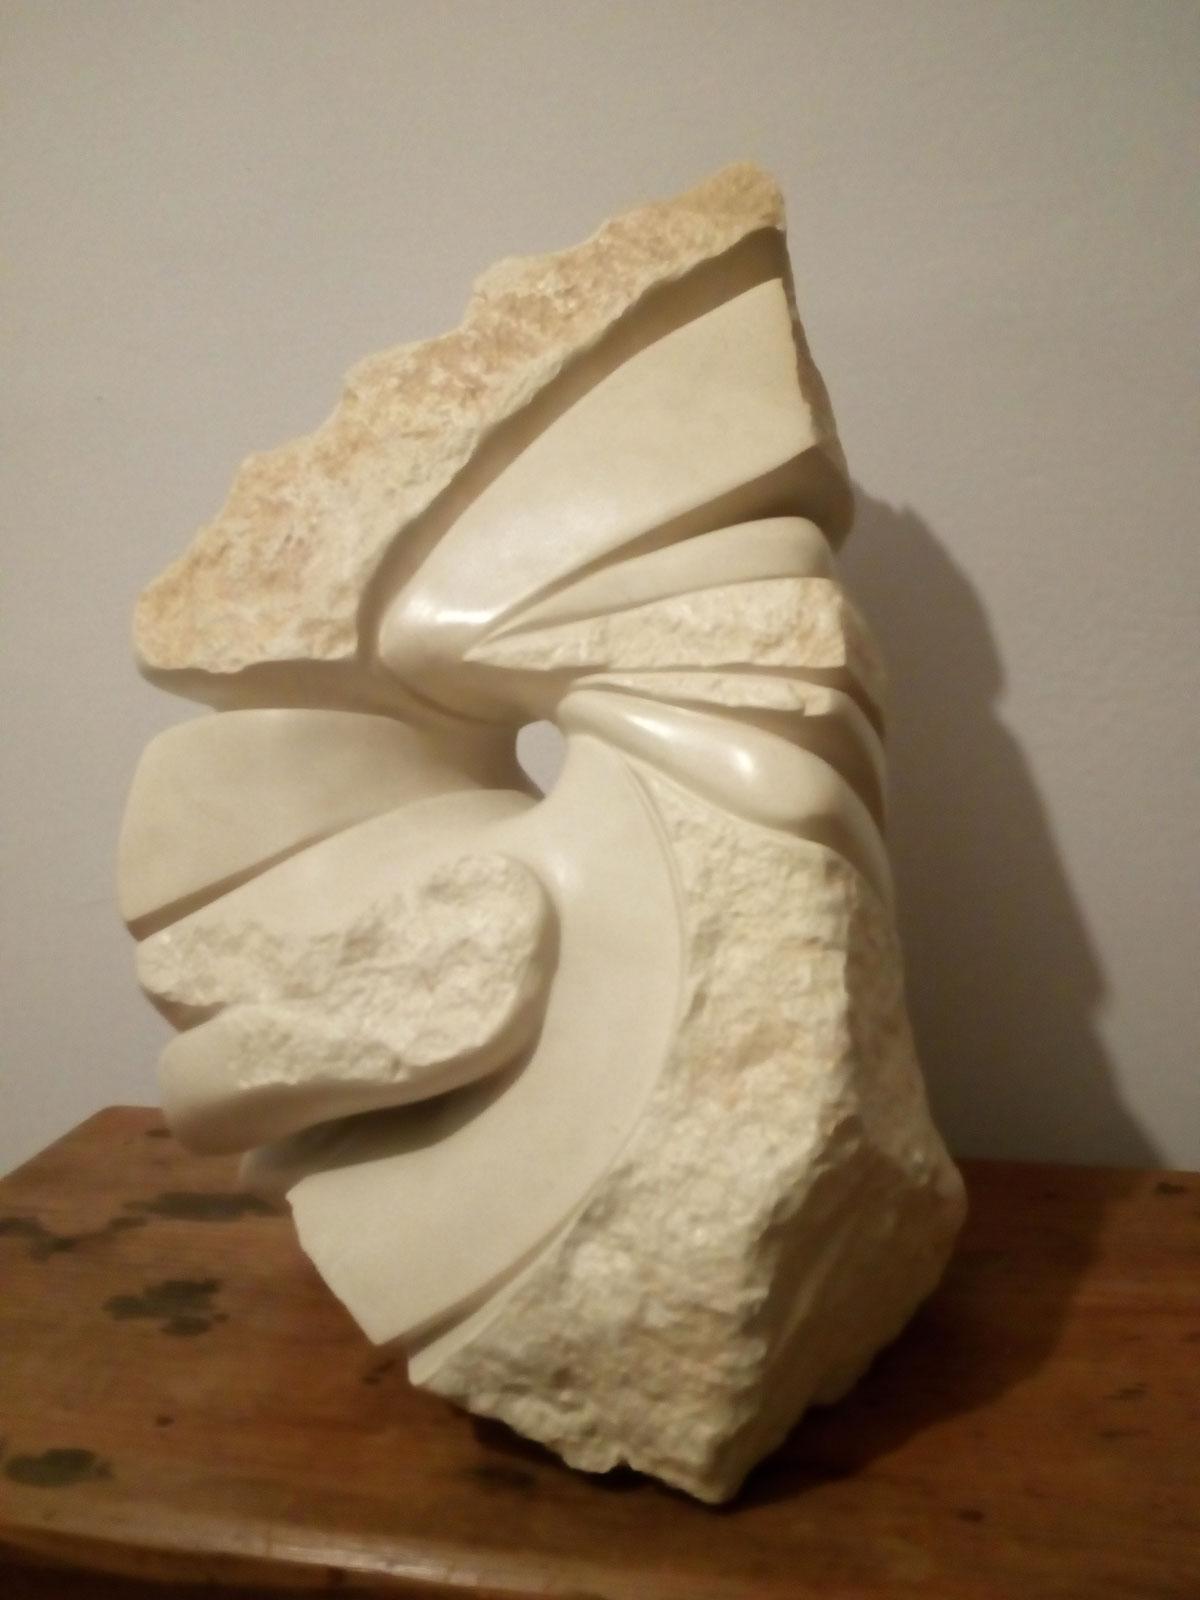 IMG 20170703 213151 1 SETTIMANA MAGICA   laboratorio di scultura manuale su pietra (10 17 giugno) settimana magica scultura walter zuccarini scultura su pietra corso scultura